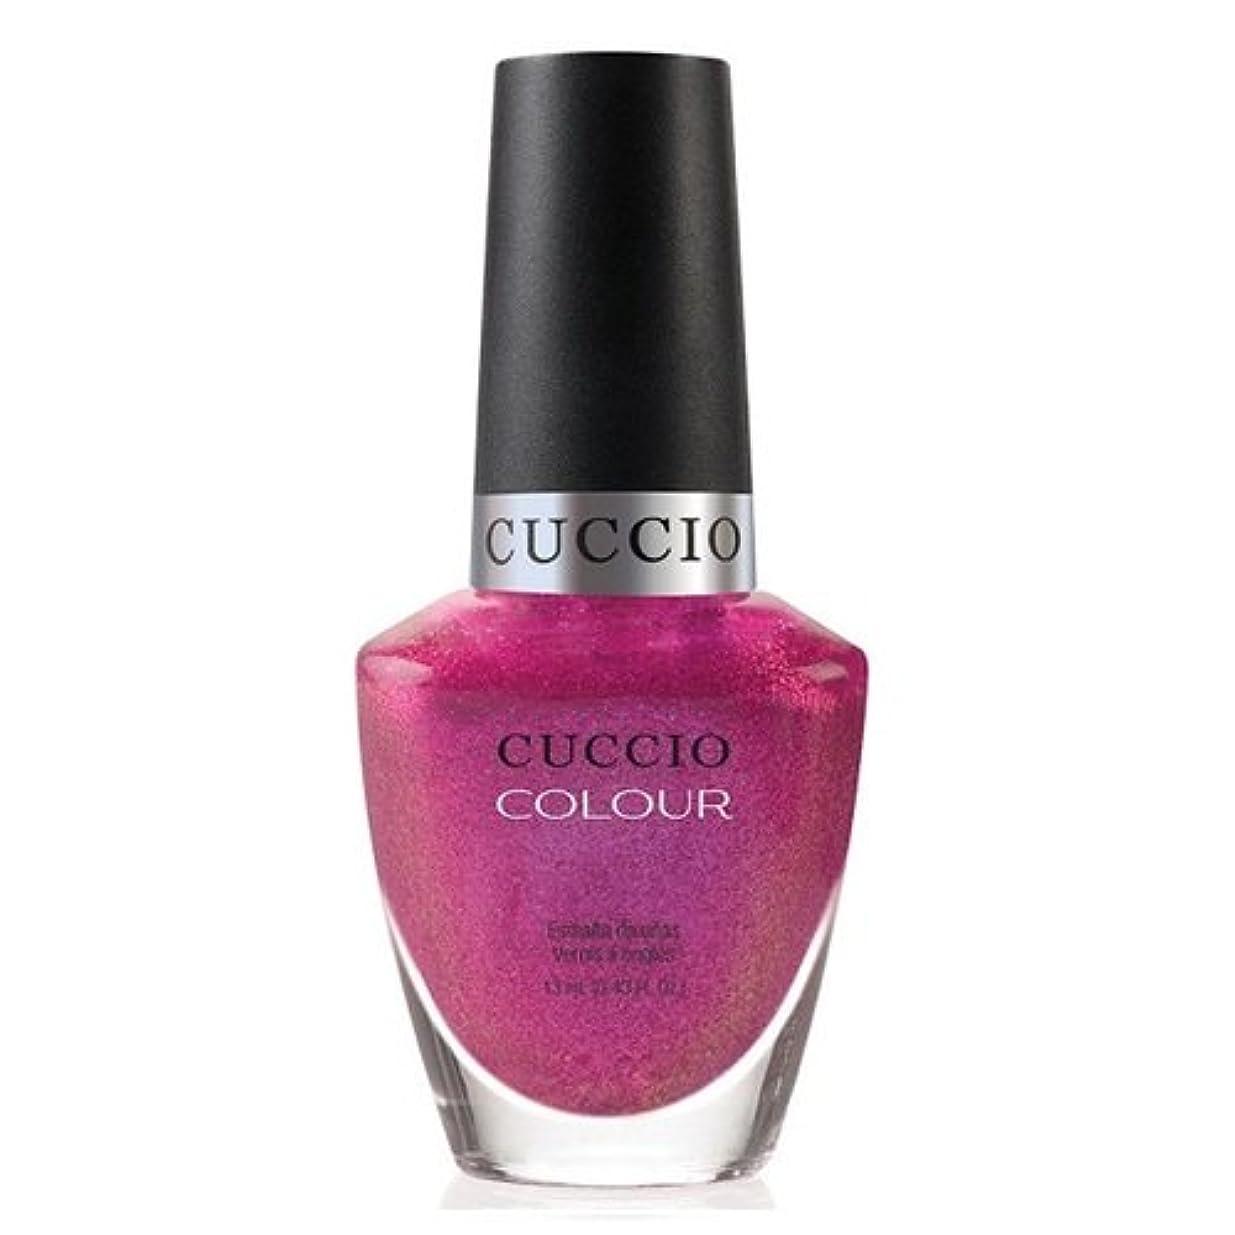 つかの間コンテンツ同封するCuccio Colour Gloss Lacquer - Femme Fatale - 0.43oz/13ml